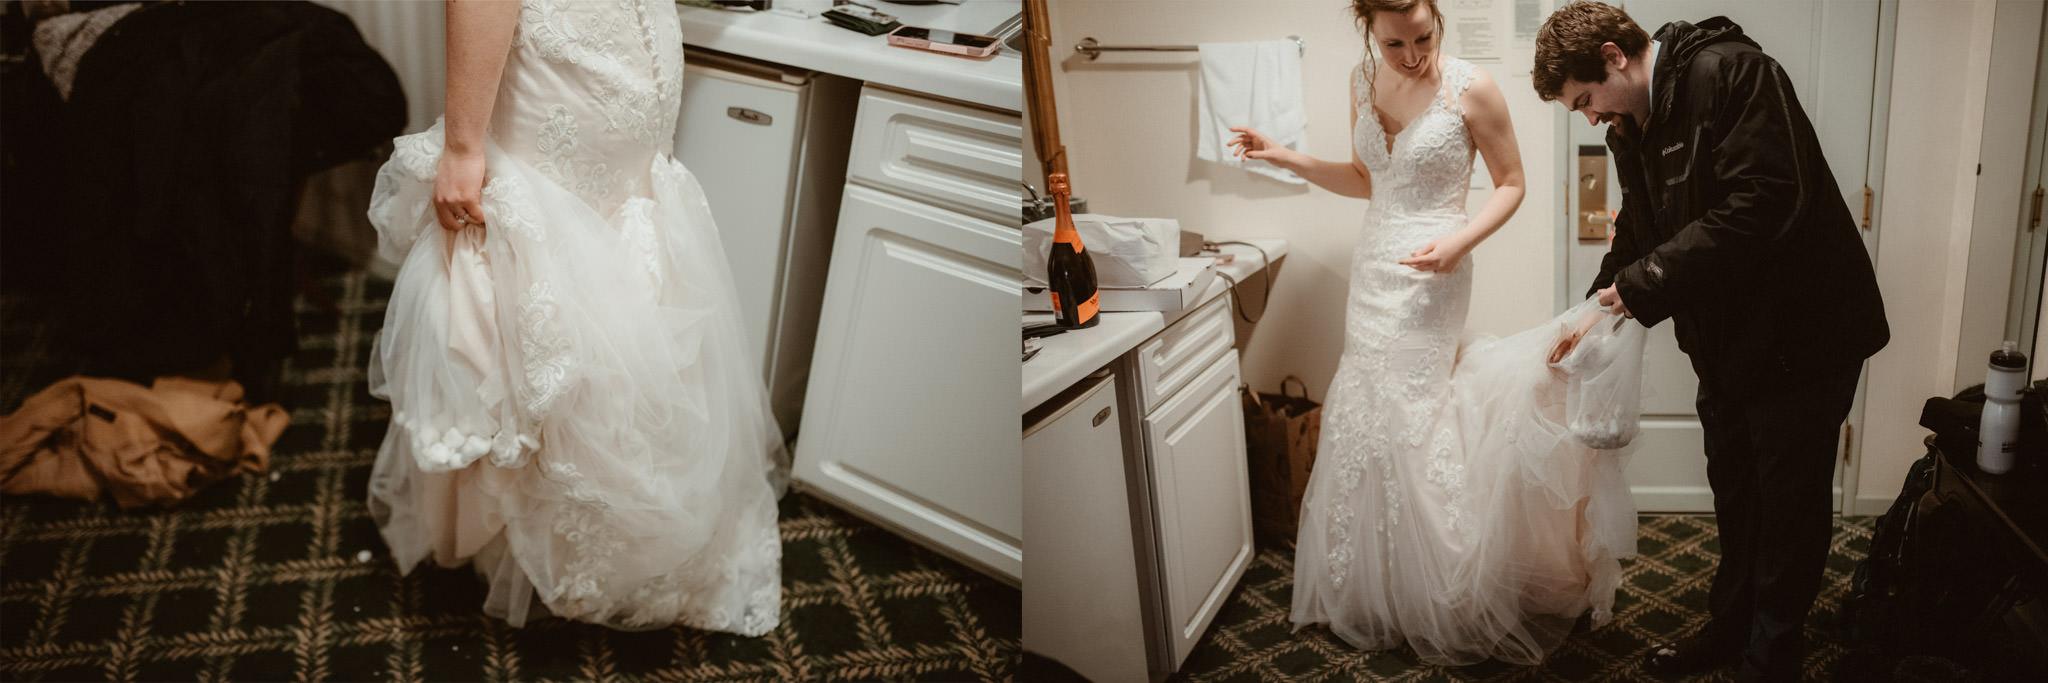 Bride has snowballs in her dress